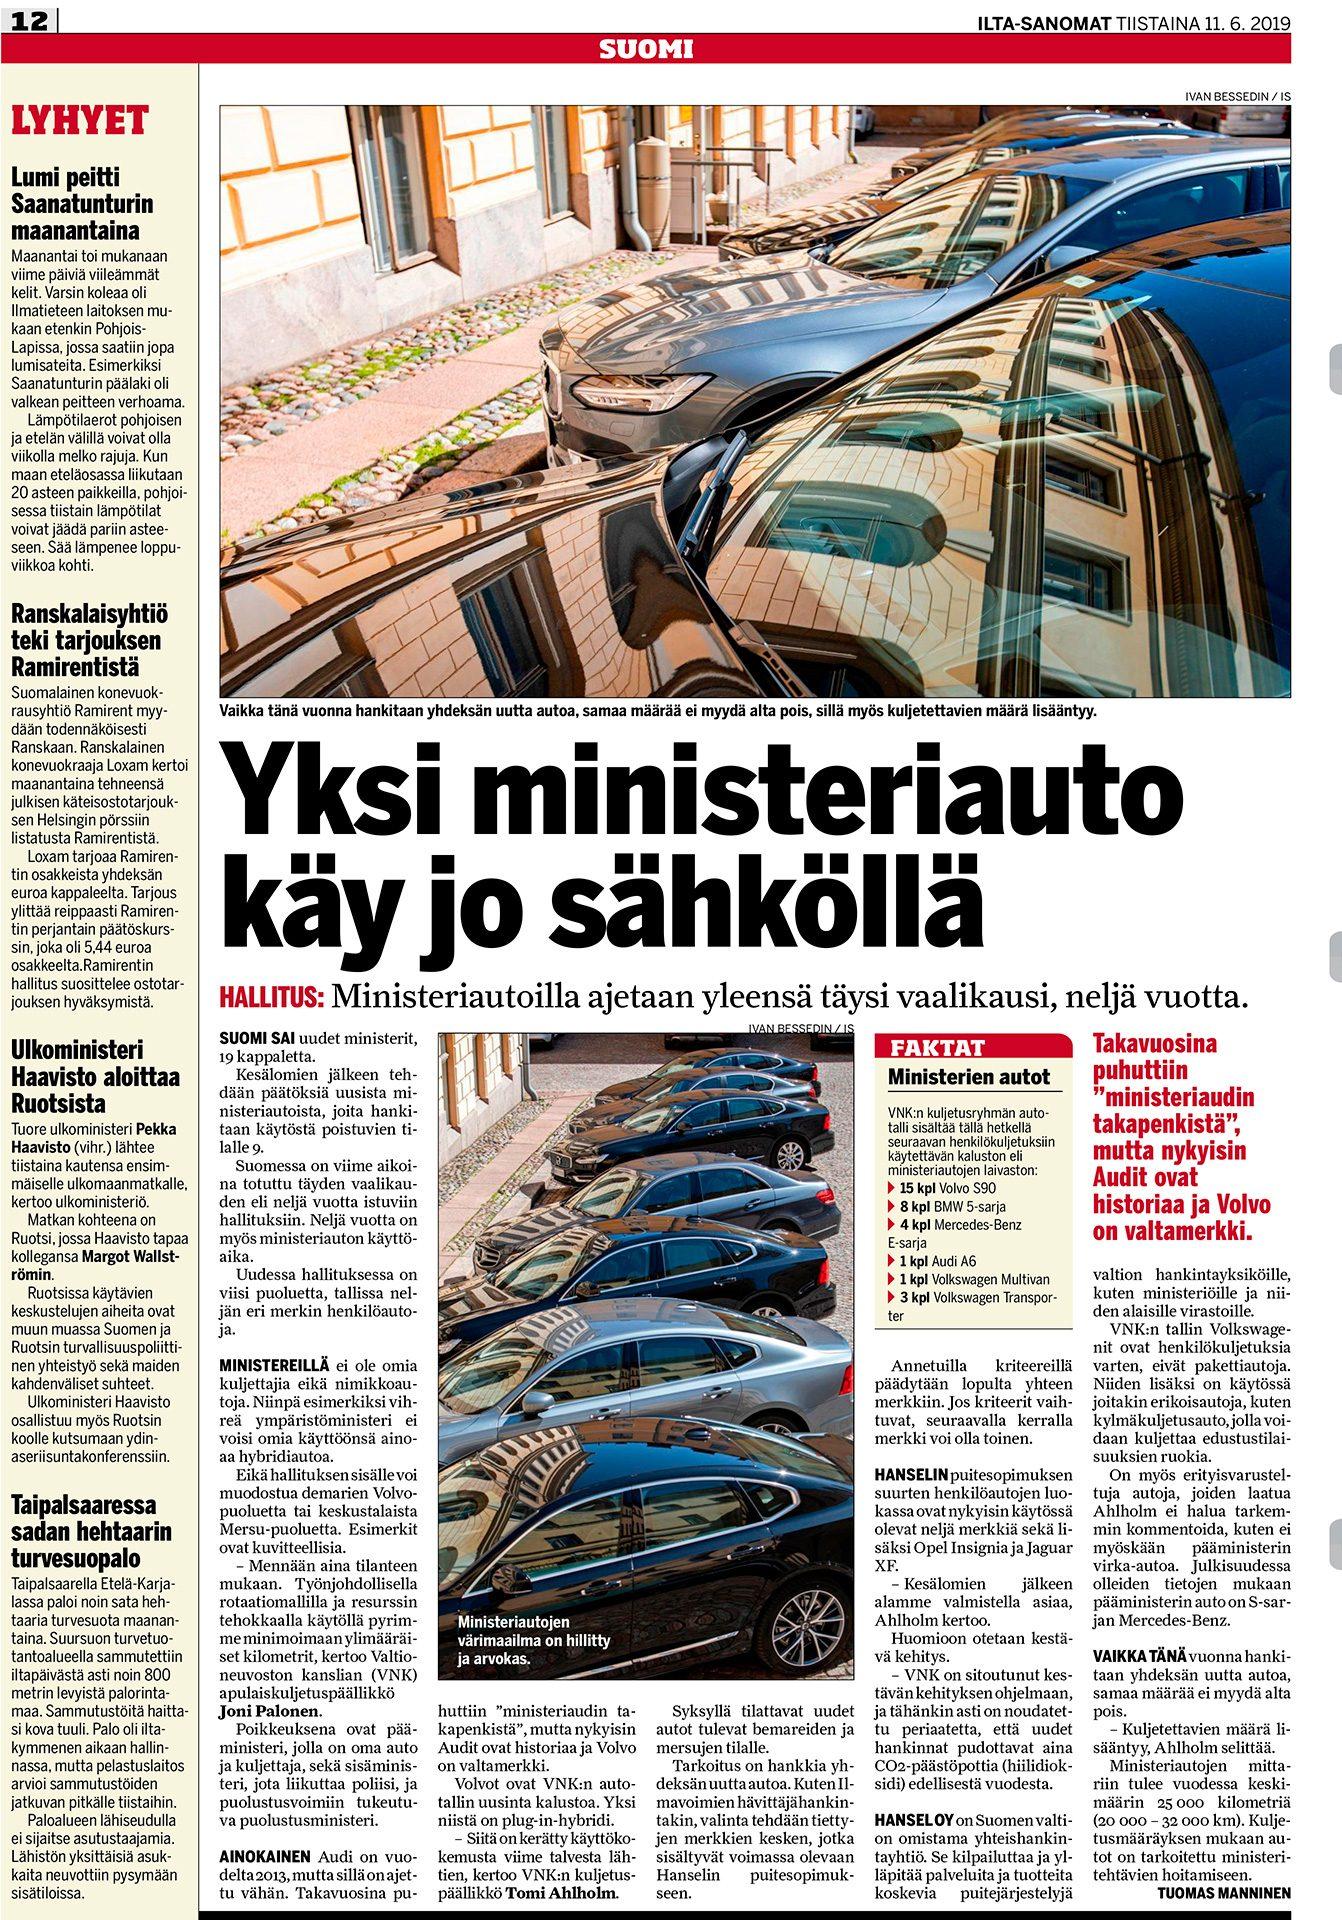 Ilta-Sanomat, Ministeriautoilla ajetaan yleensä täysi vaalikausi, neljä vuotta